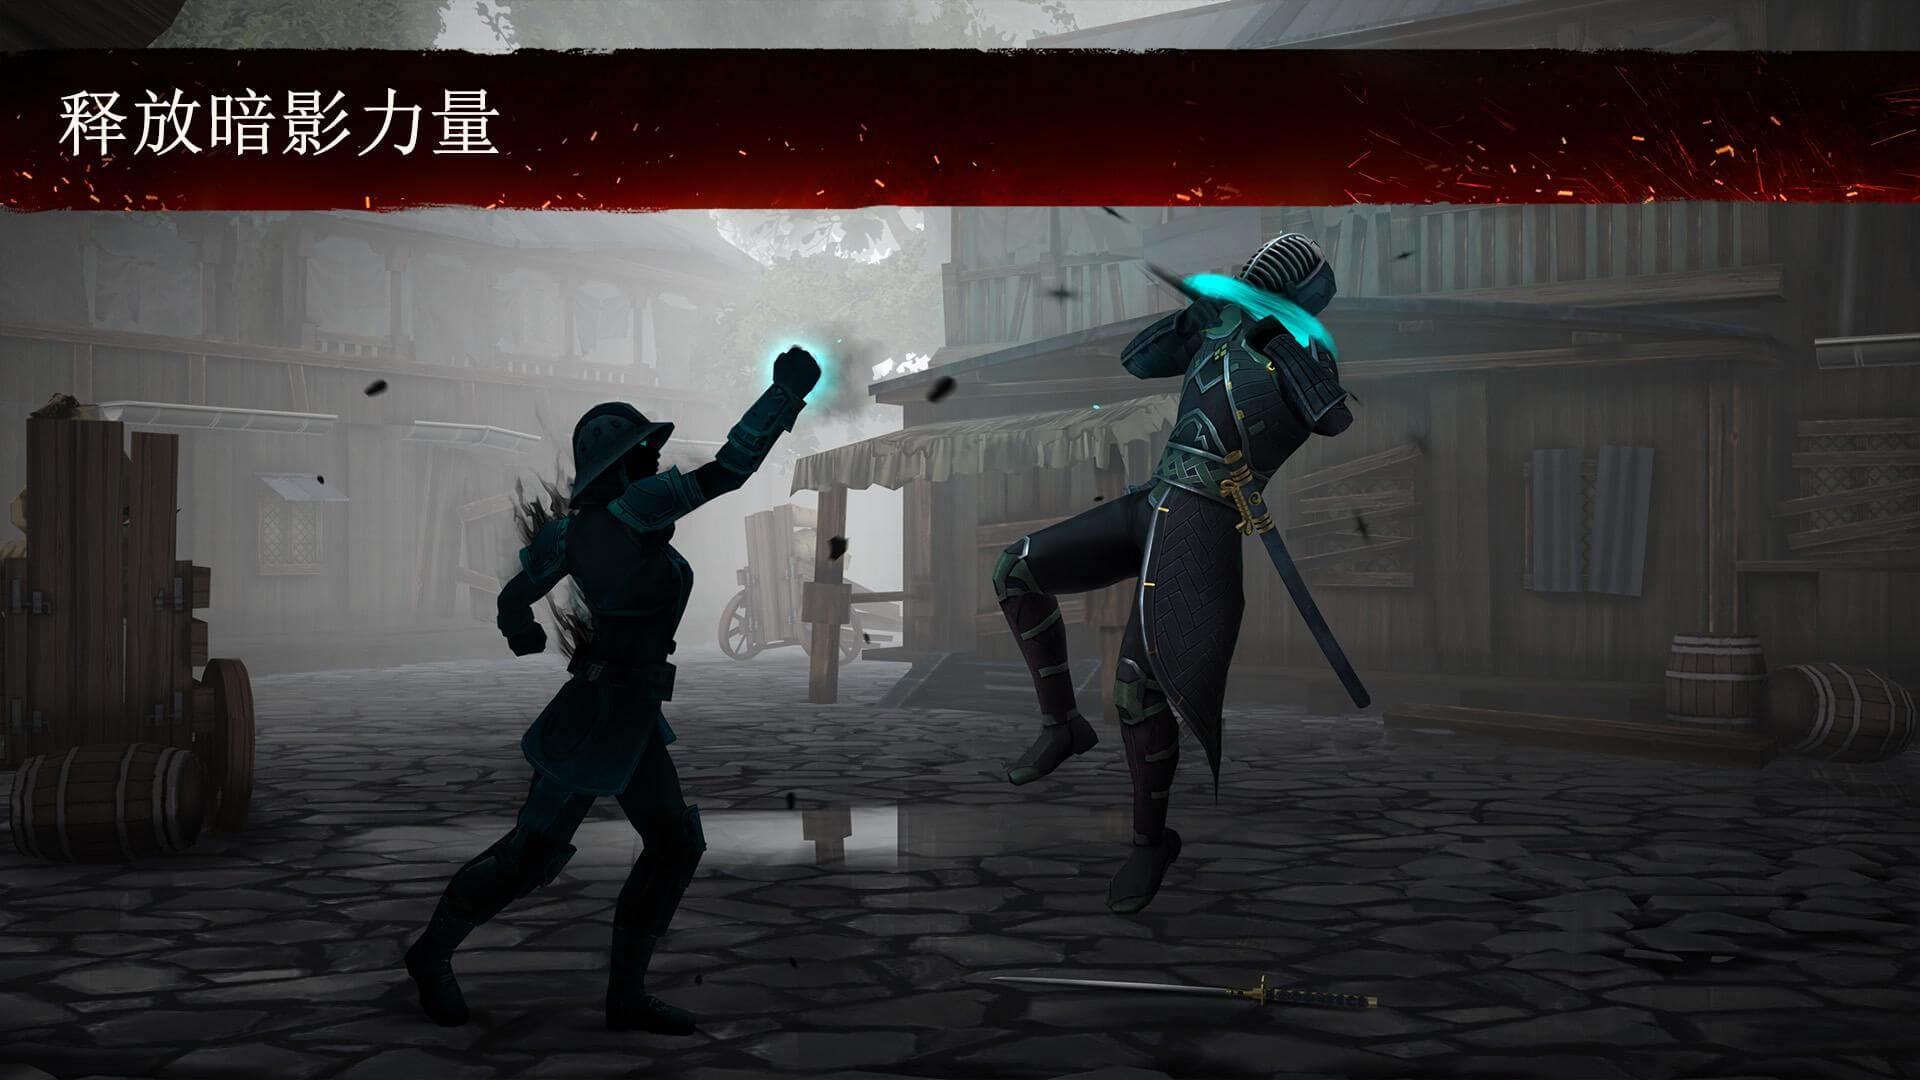 Shadow Fight 31.21.2 Serial Key